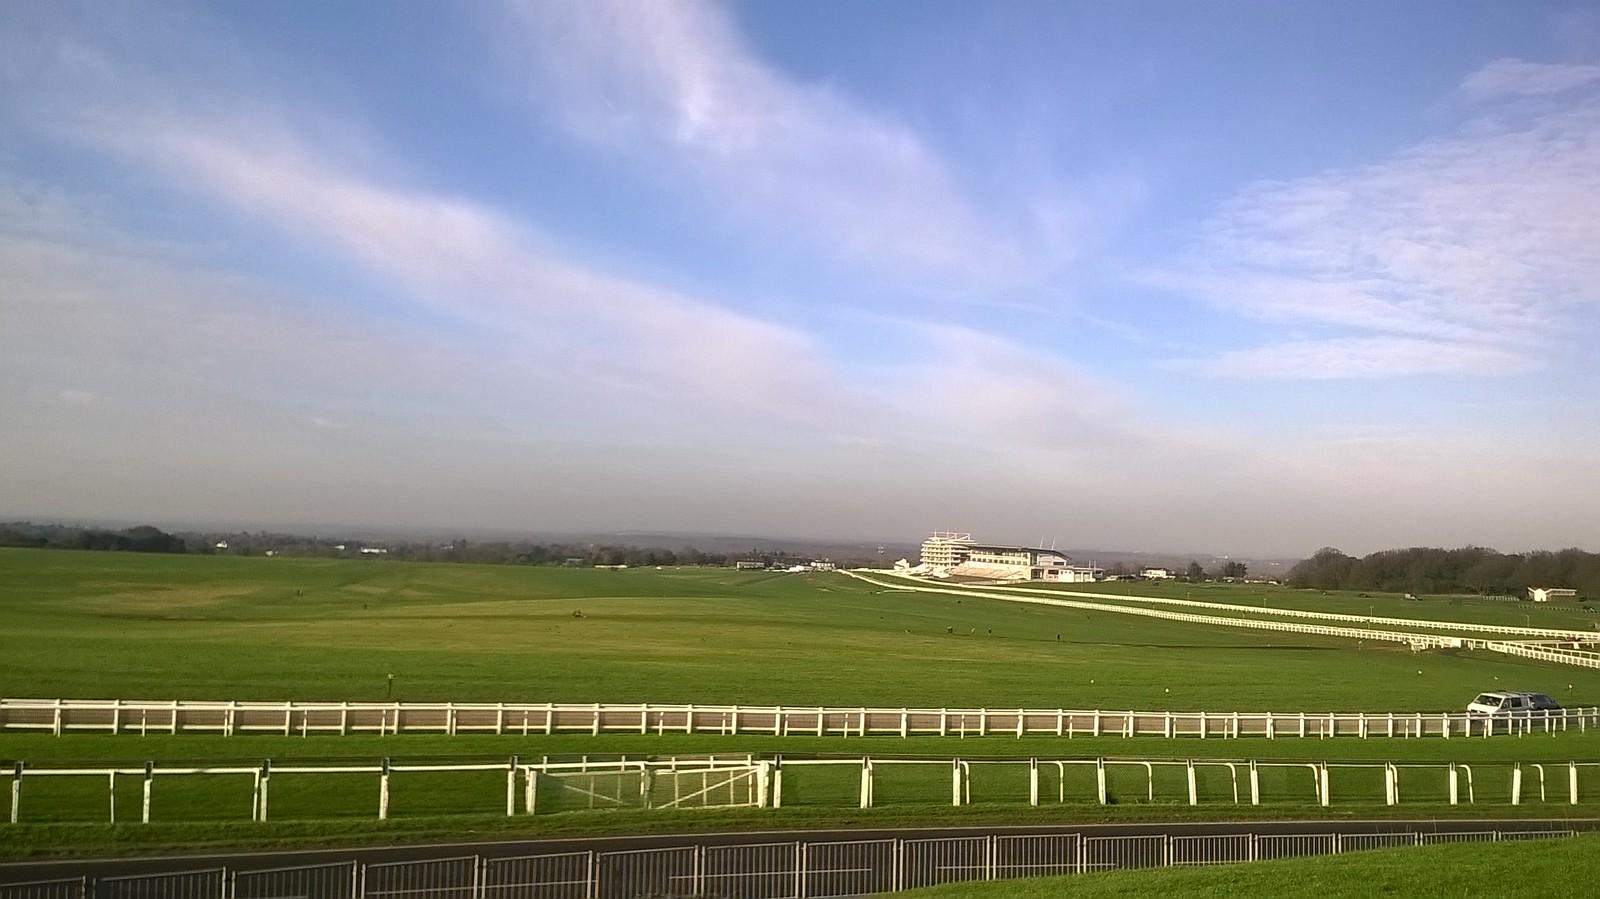 Epsom racecourse #4 final furlongs